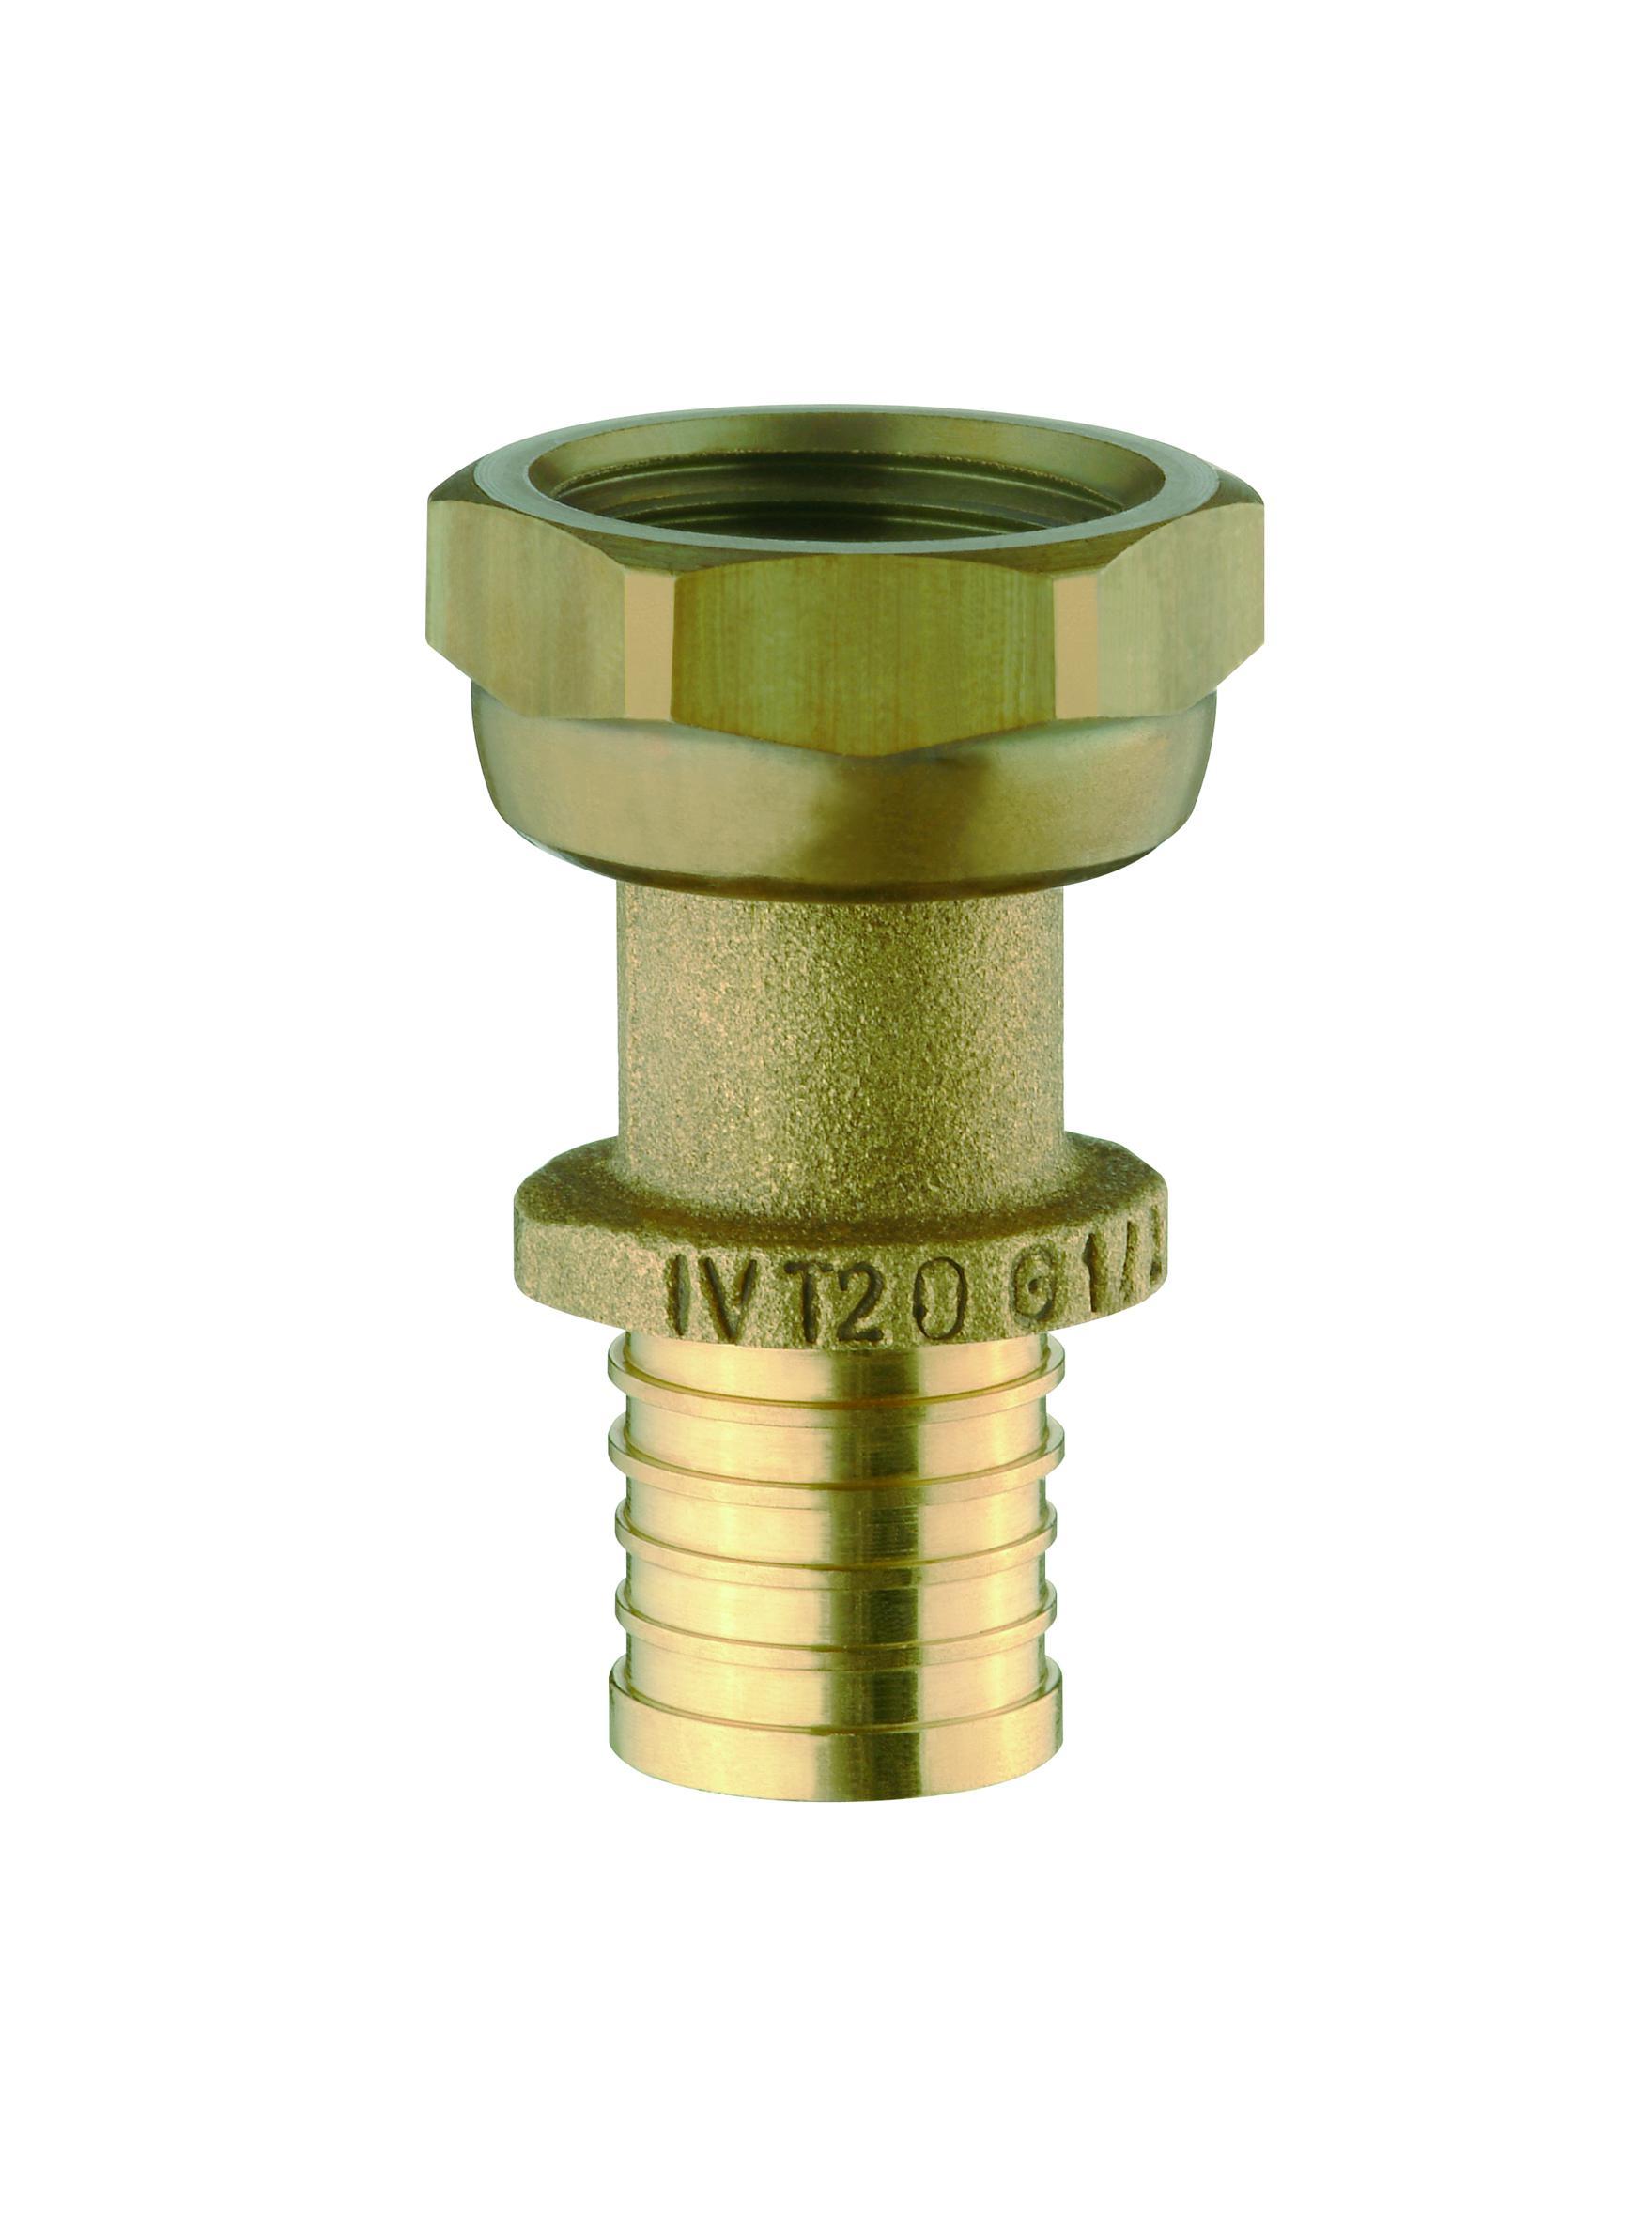 Комбинированная муфта с накидной гайкой 32-G 1